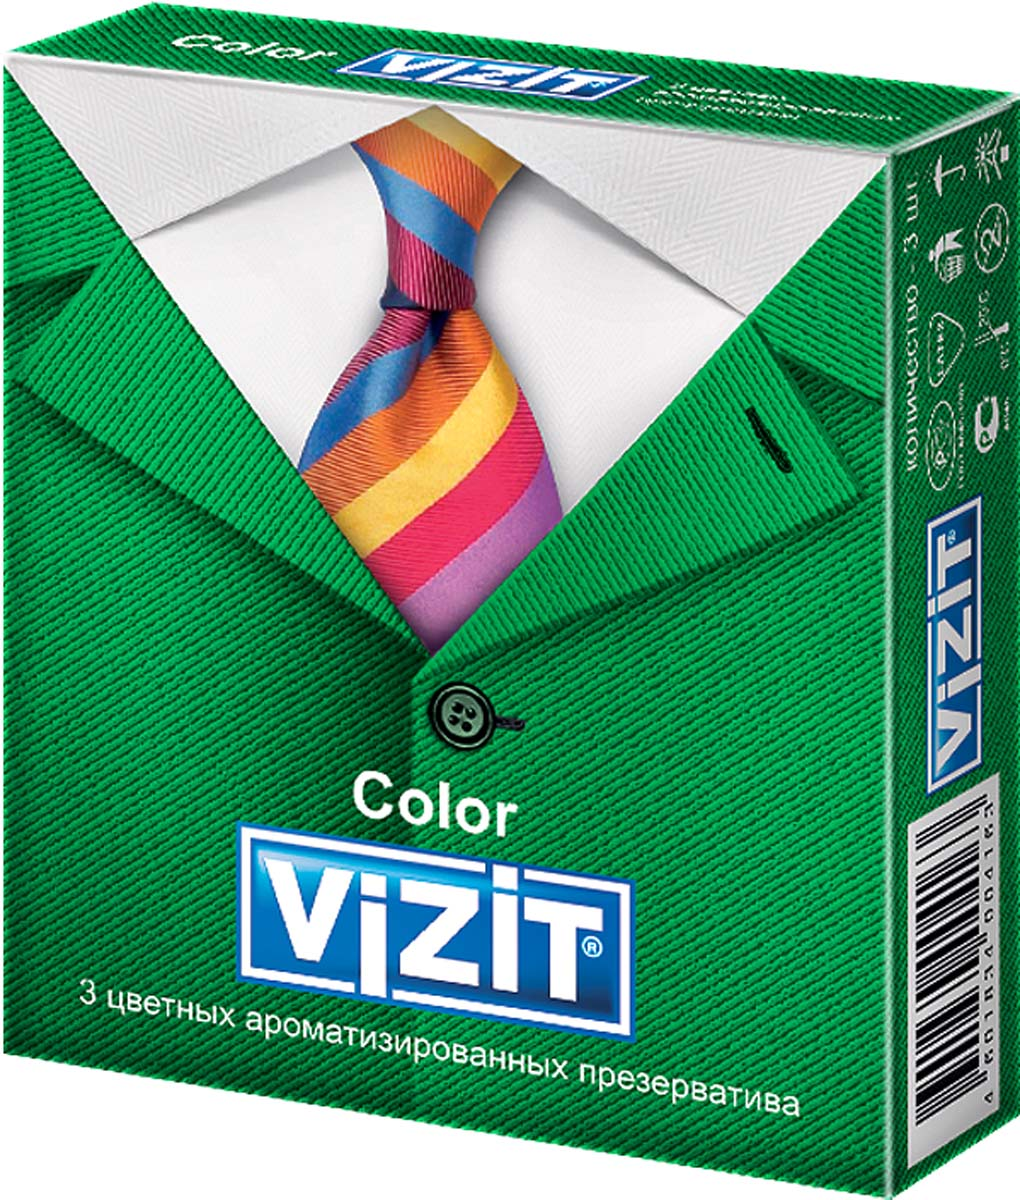 VIZIT Презервативы Color, цветные ароматизированные, 3 шт плэйбой презервативы ароматизированные цветные n12